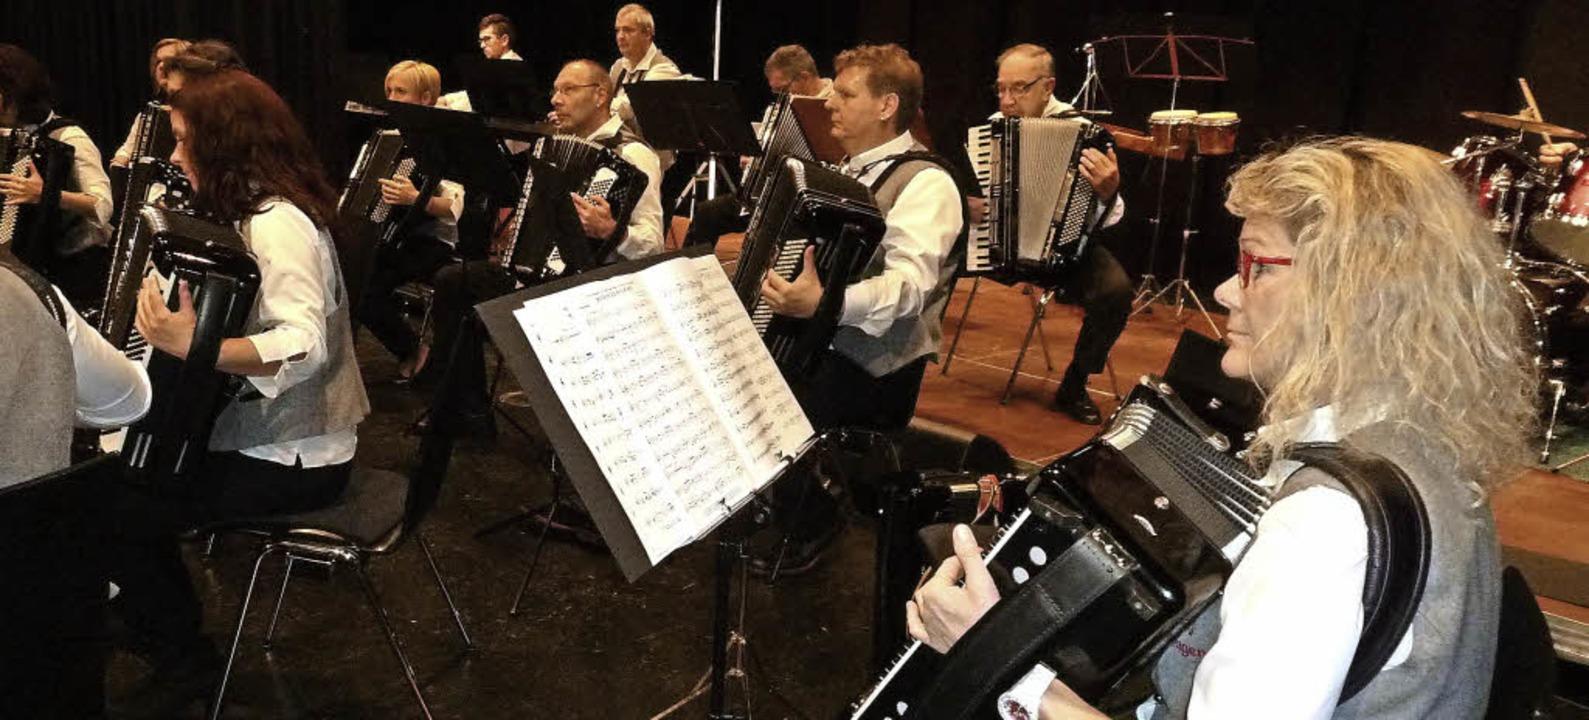 Die Musiker des Handharmonikaspielring...m Konzert Musik für viele Geschmäcker.  | Foto: Heidrun Simoneit